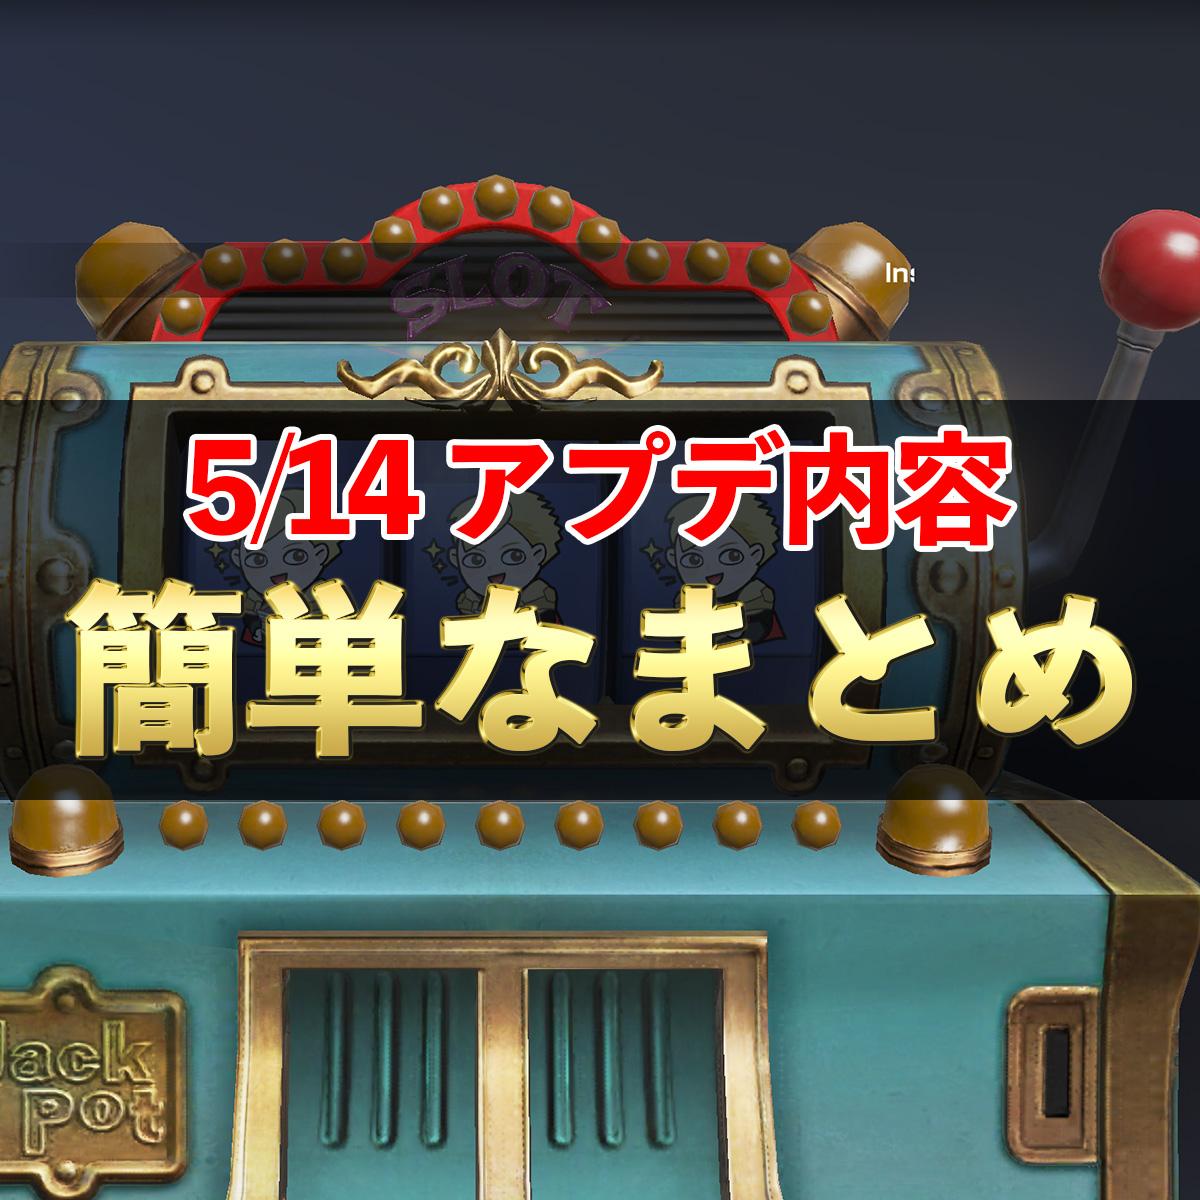 5/14アップデート内容 簡単なまとめ